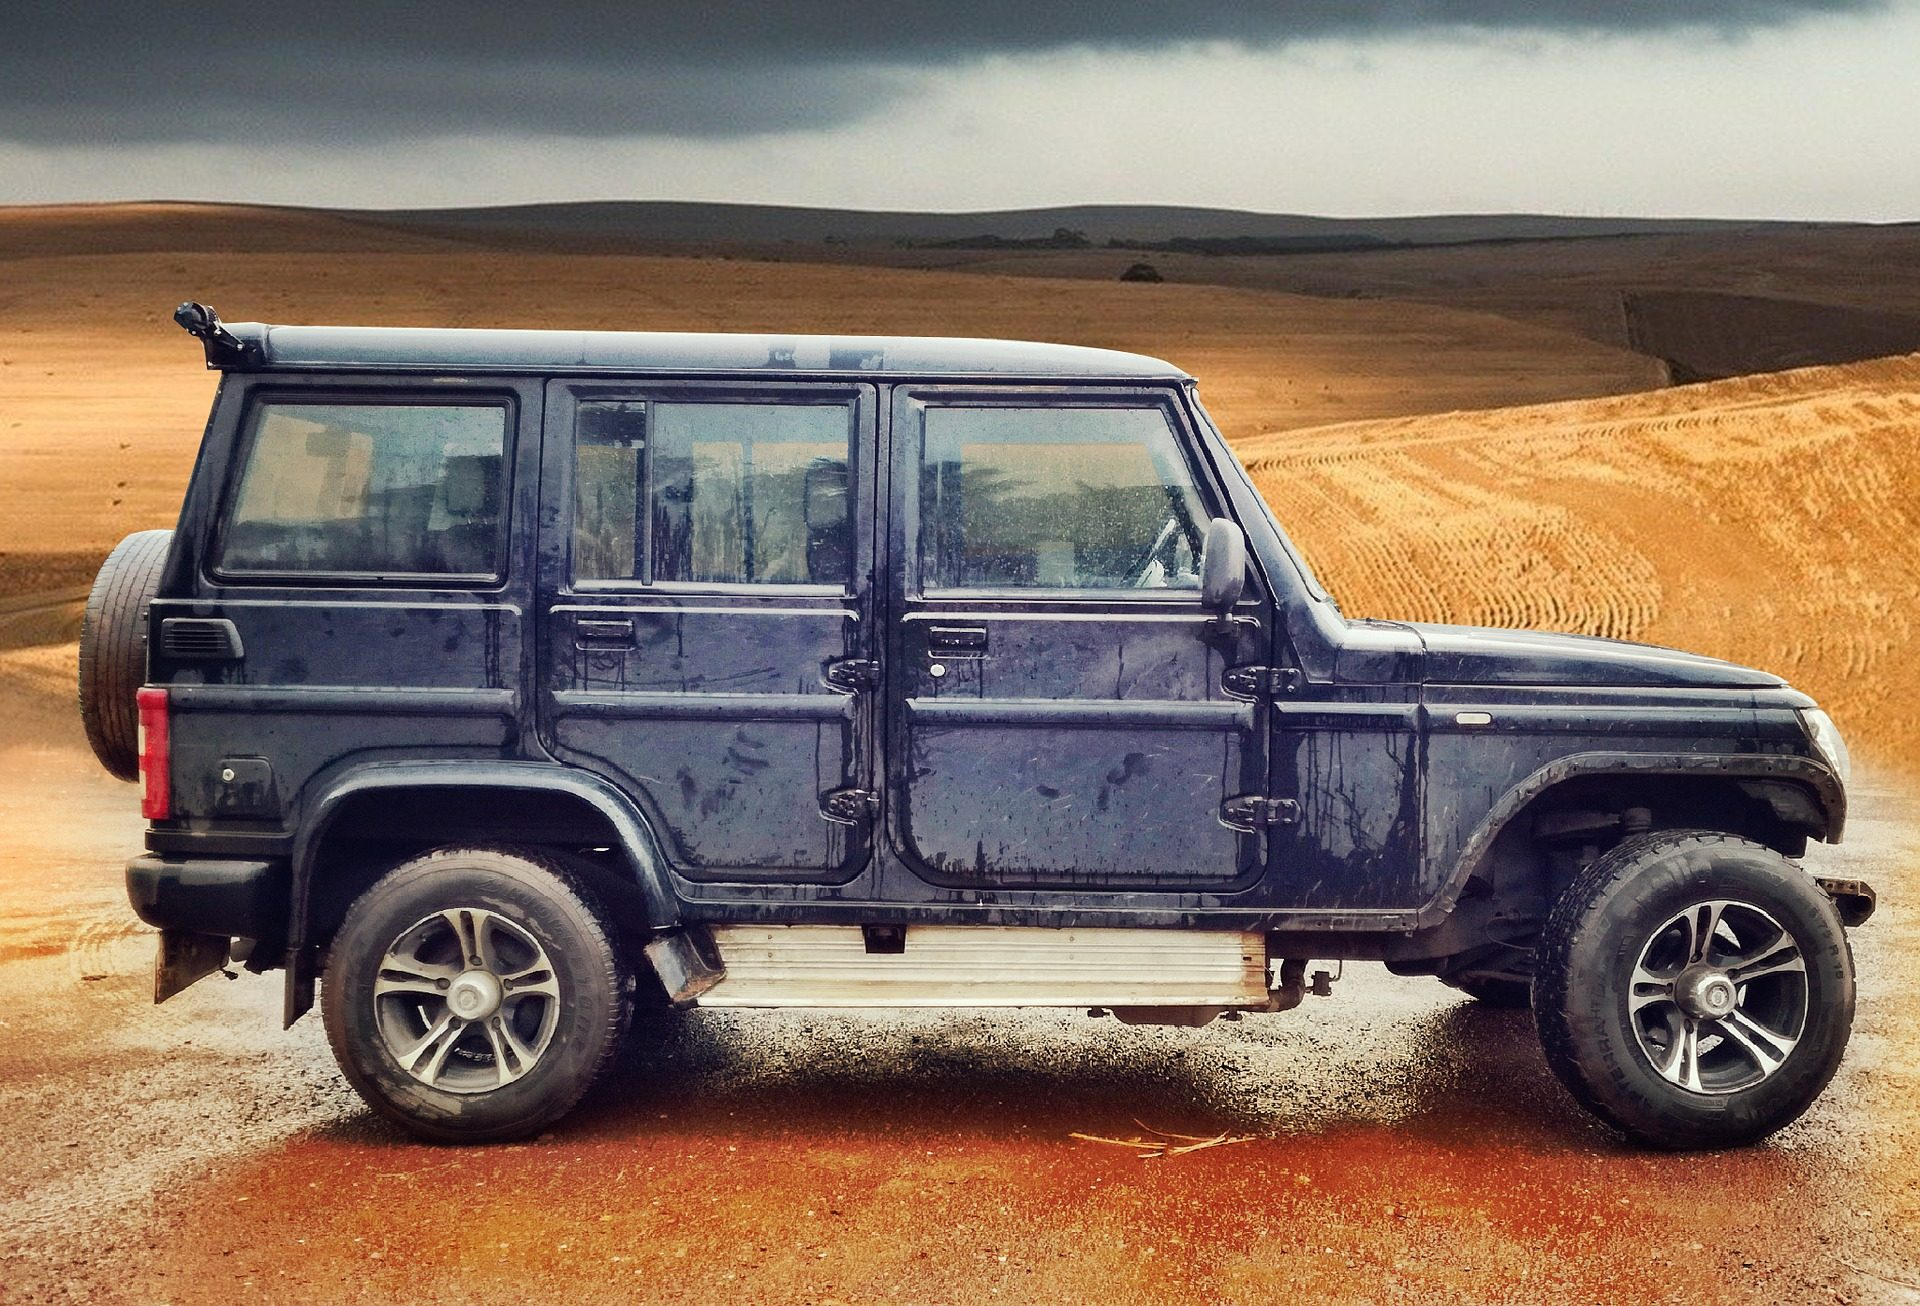 coche, 4x4, todoterreno, sucio, desierto, explanada - Fondos de Pantalla HD - professor-falken.com